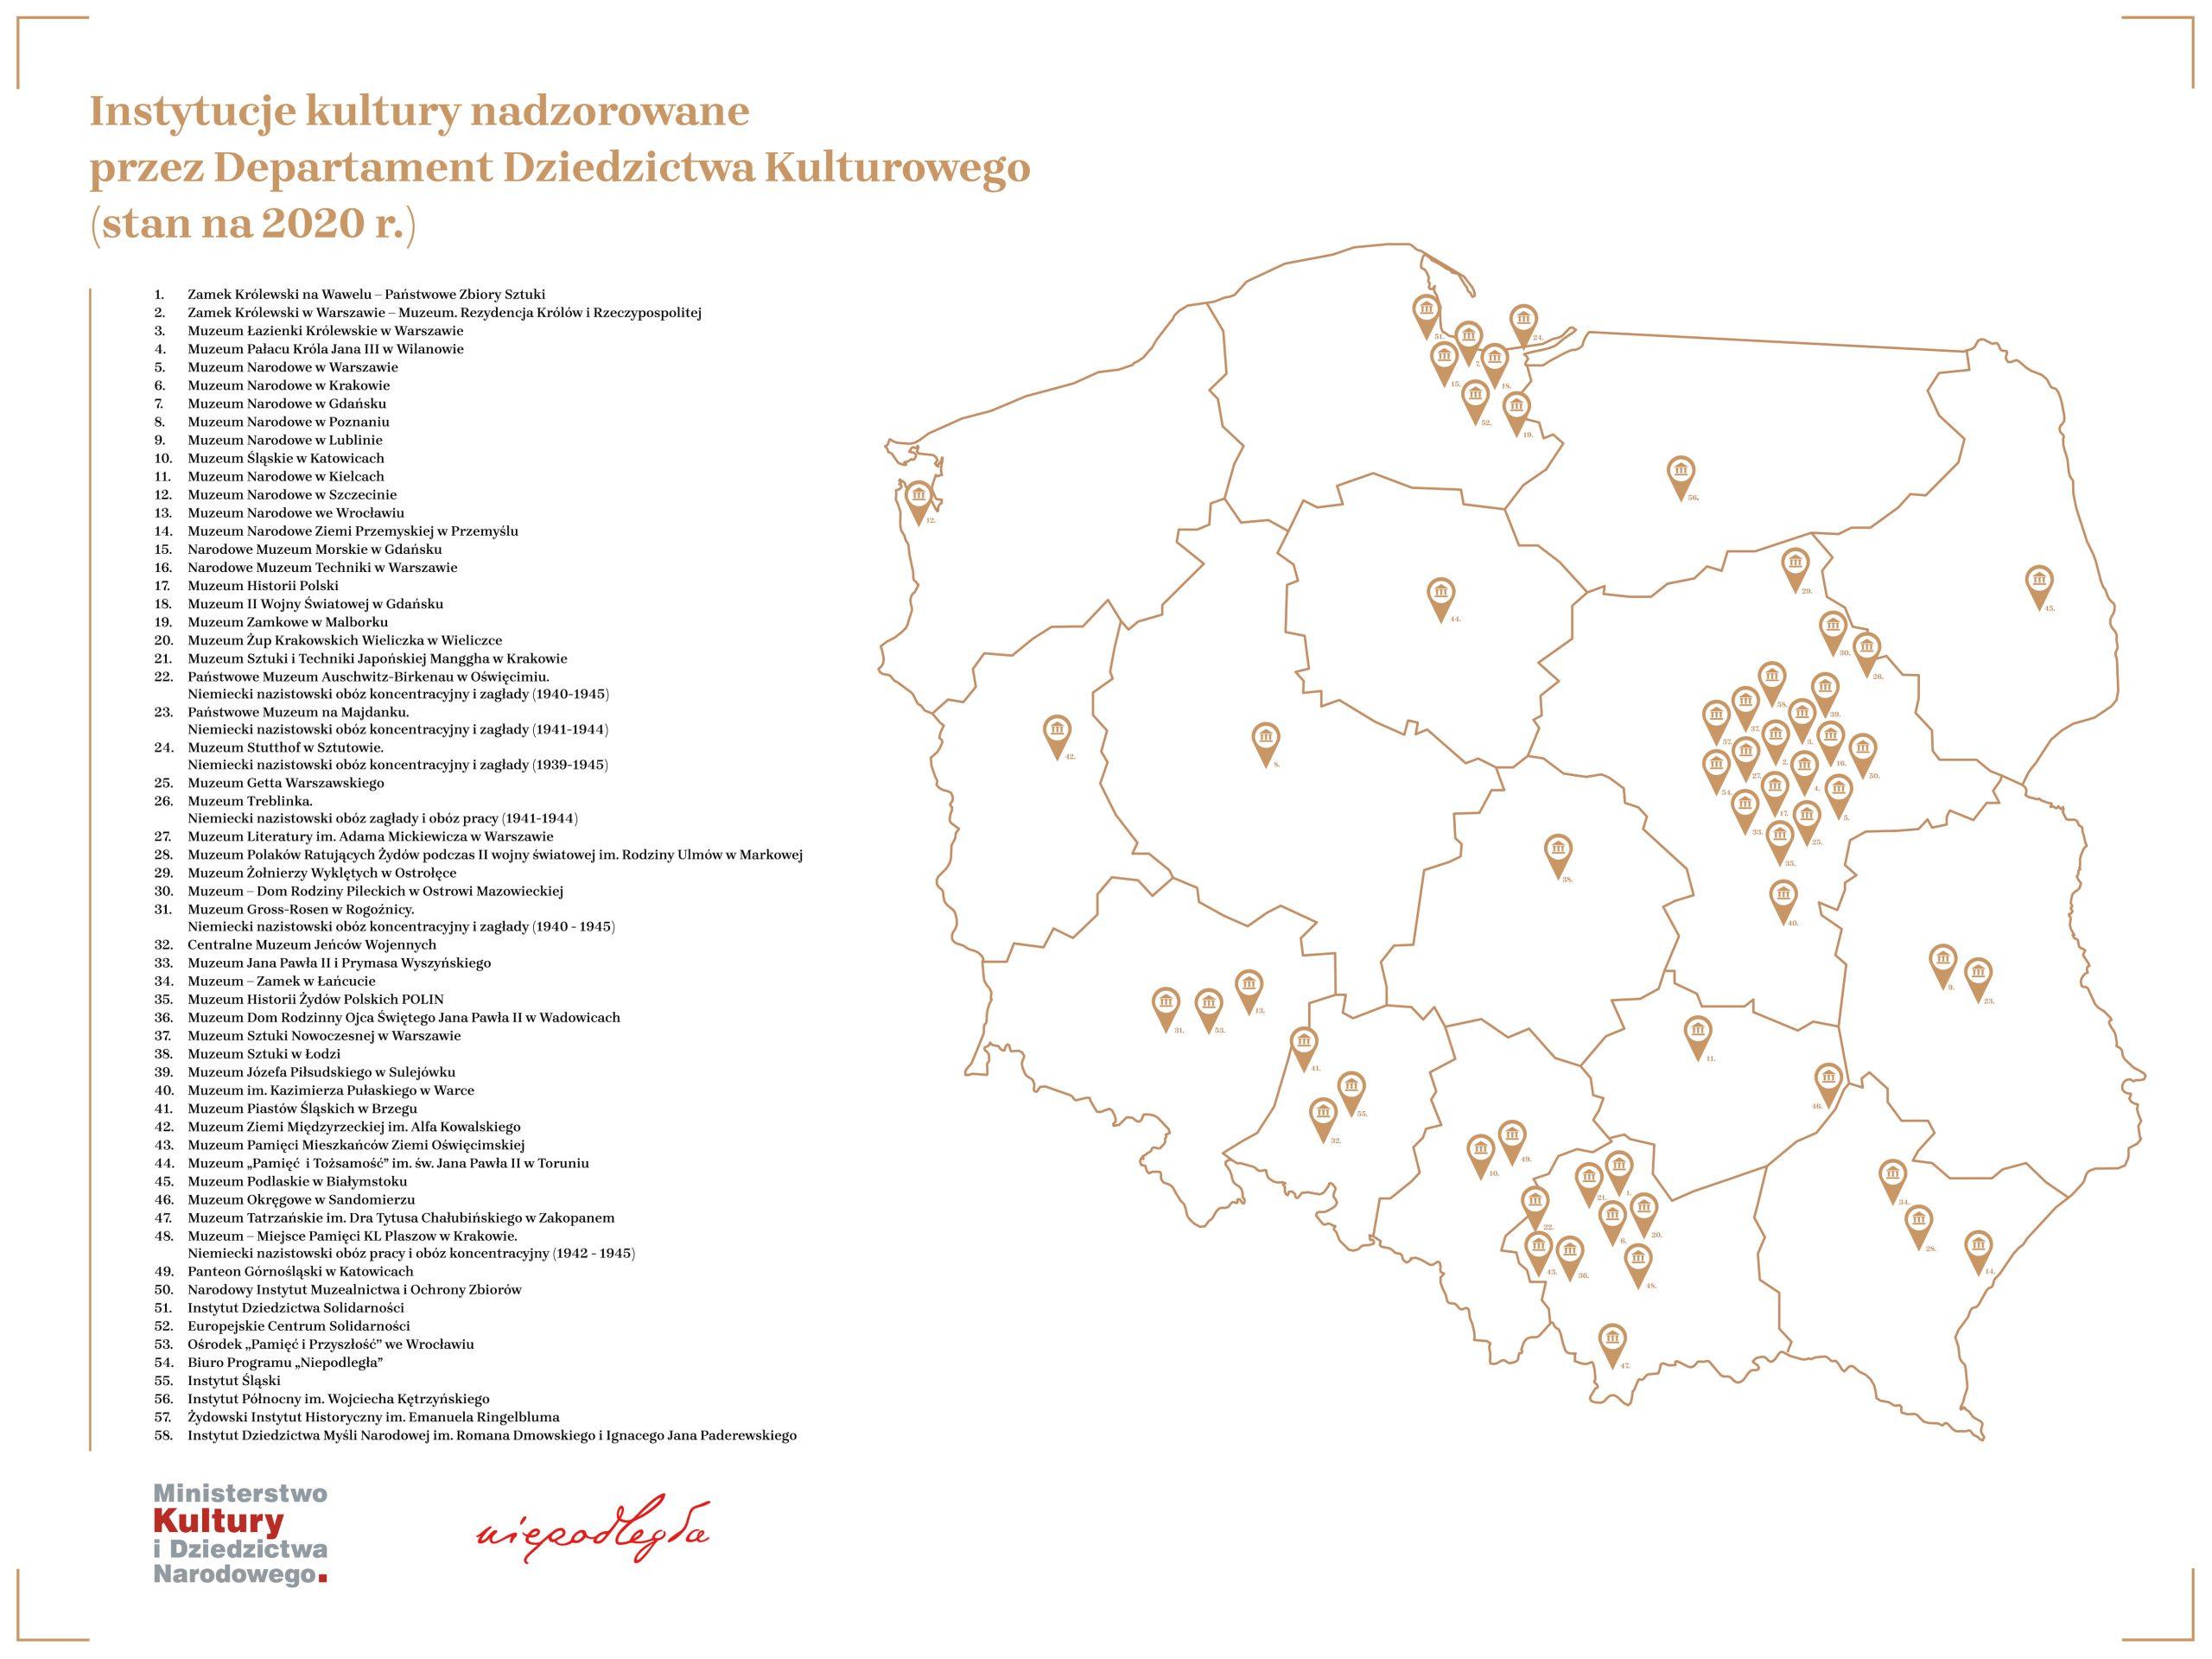 po lewej stronie spis instytucji kultury, po prawej mapa Polski z pinezkami obrazującymi ich rozmieszczenie na terenie kraju